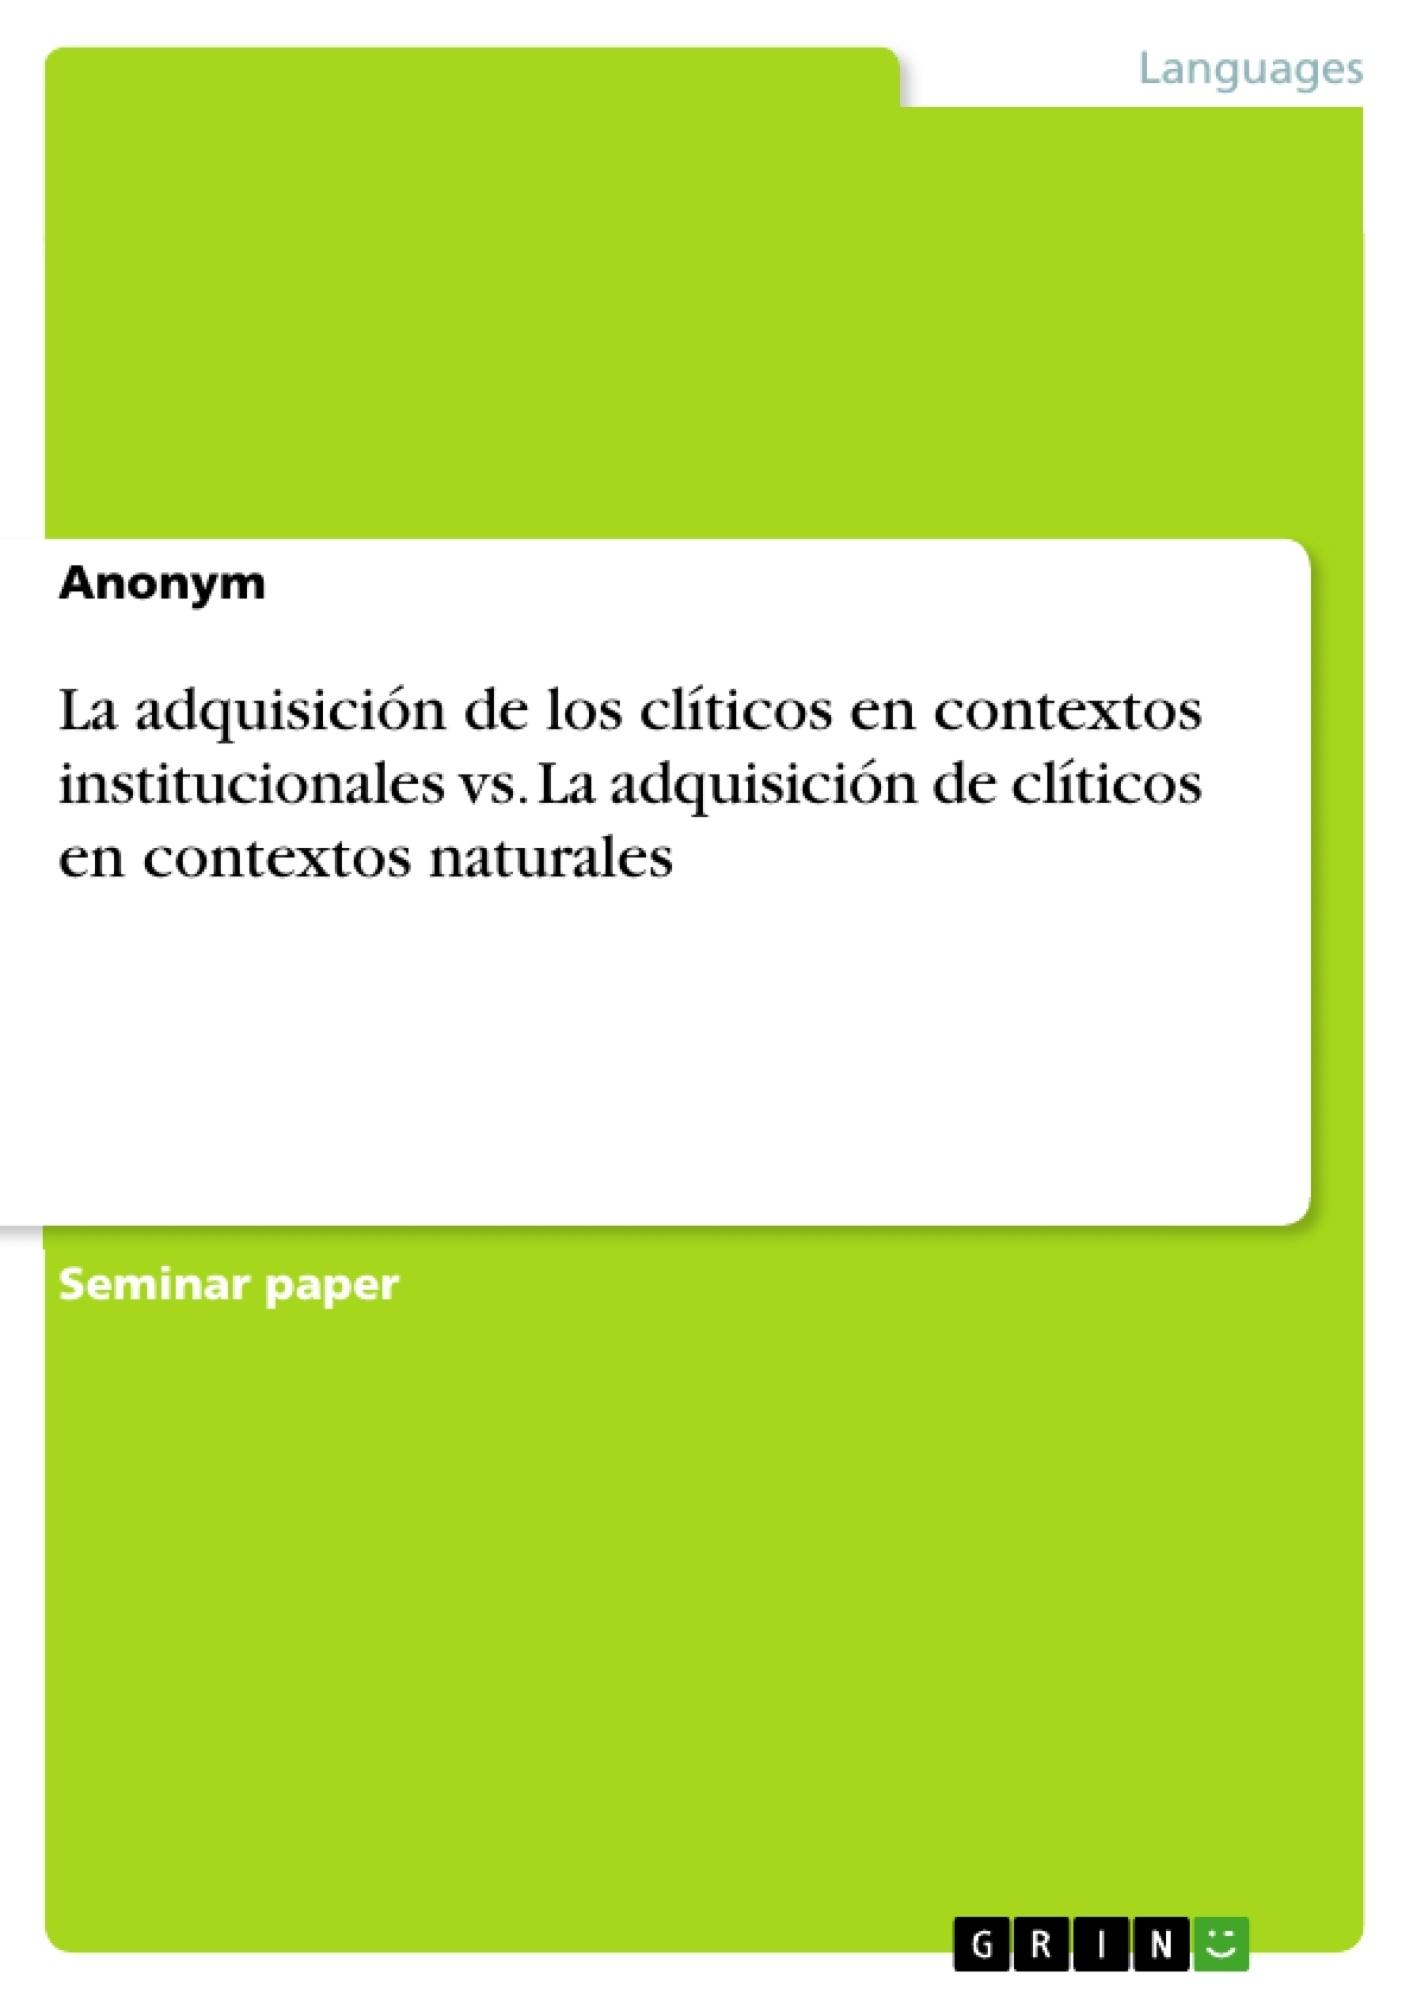 Título: La adquisición de los clíticos en contextos institucionales vs. La adquisición de clíticos en contextos naturales